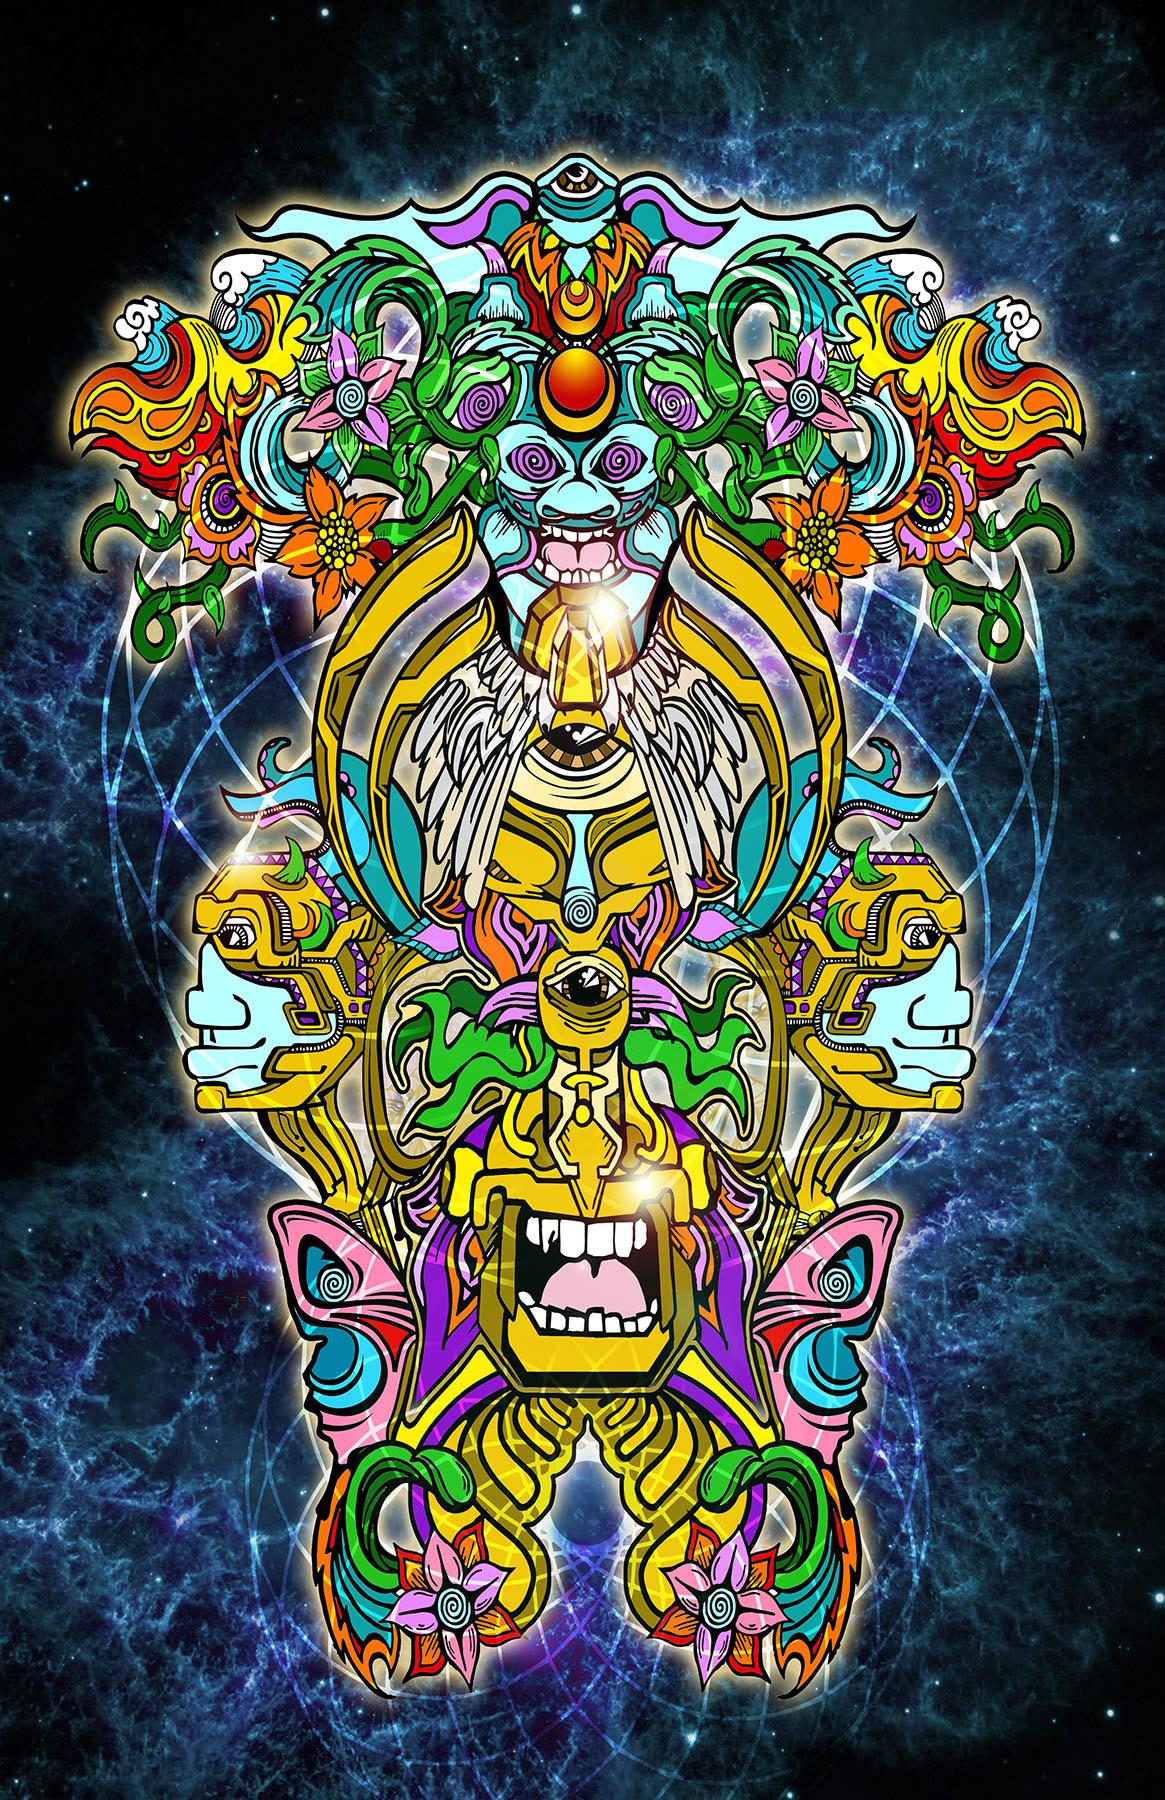 Yaun-Dripping-Nectar.jpg